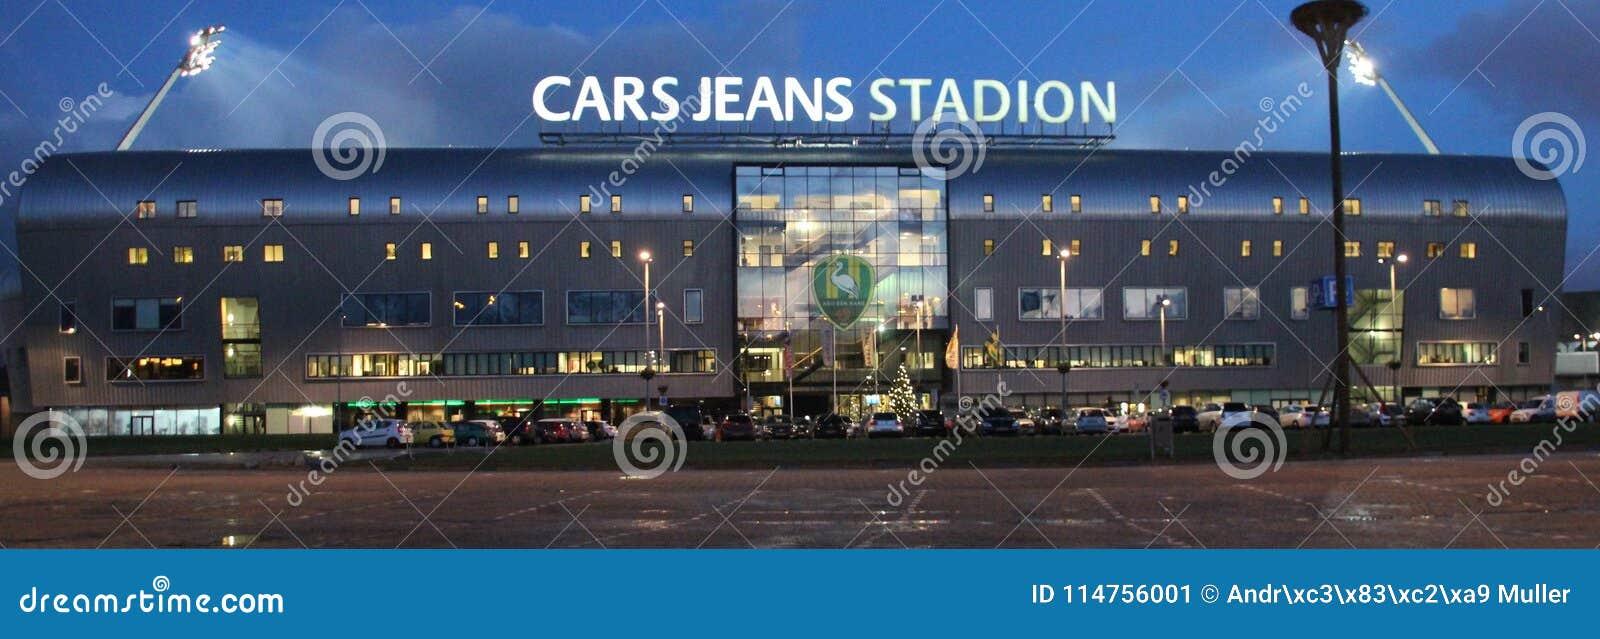 Calças de brim dos carros do estádio de futebol em Haia, casa da DEMORA Den Haag que joga no Eredivisie holandês com luzes sobre